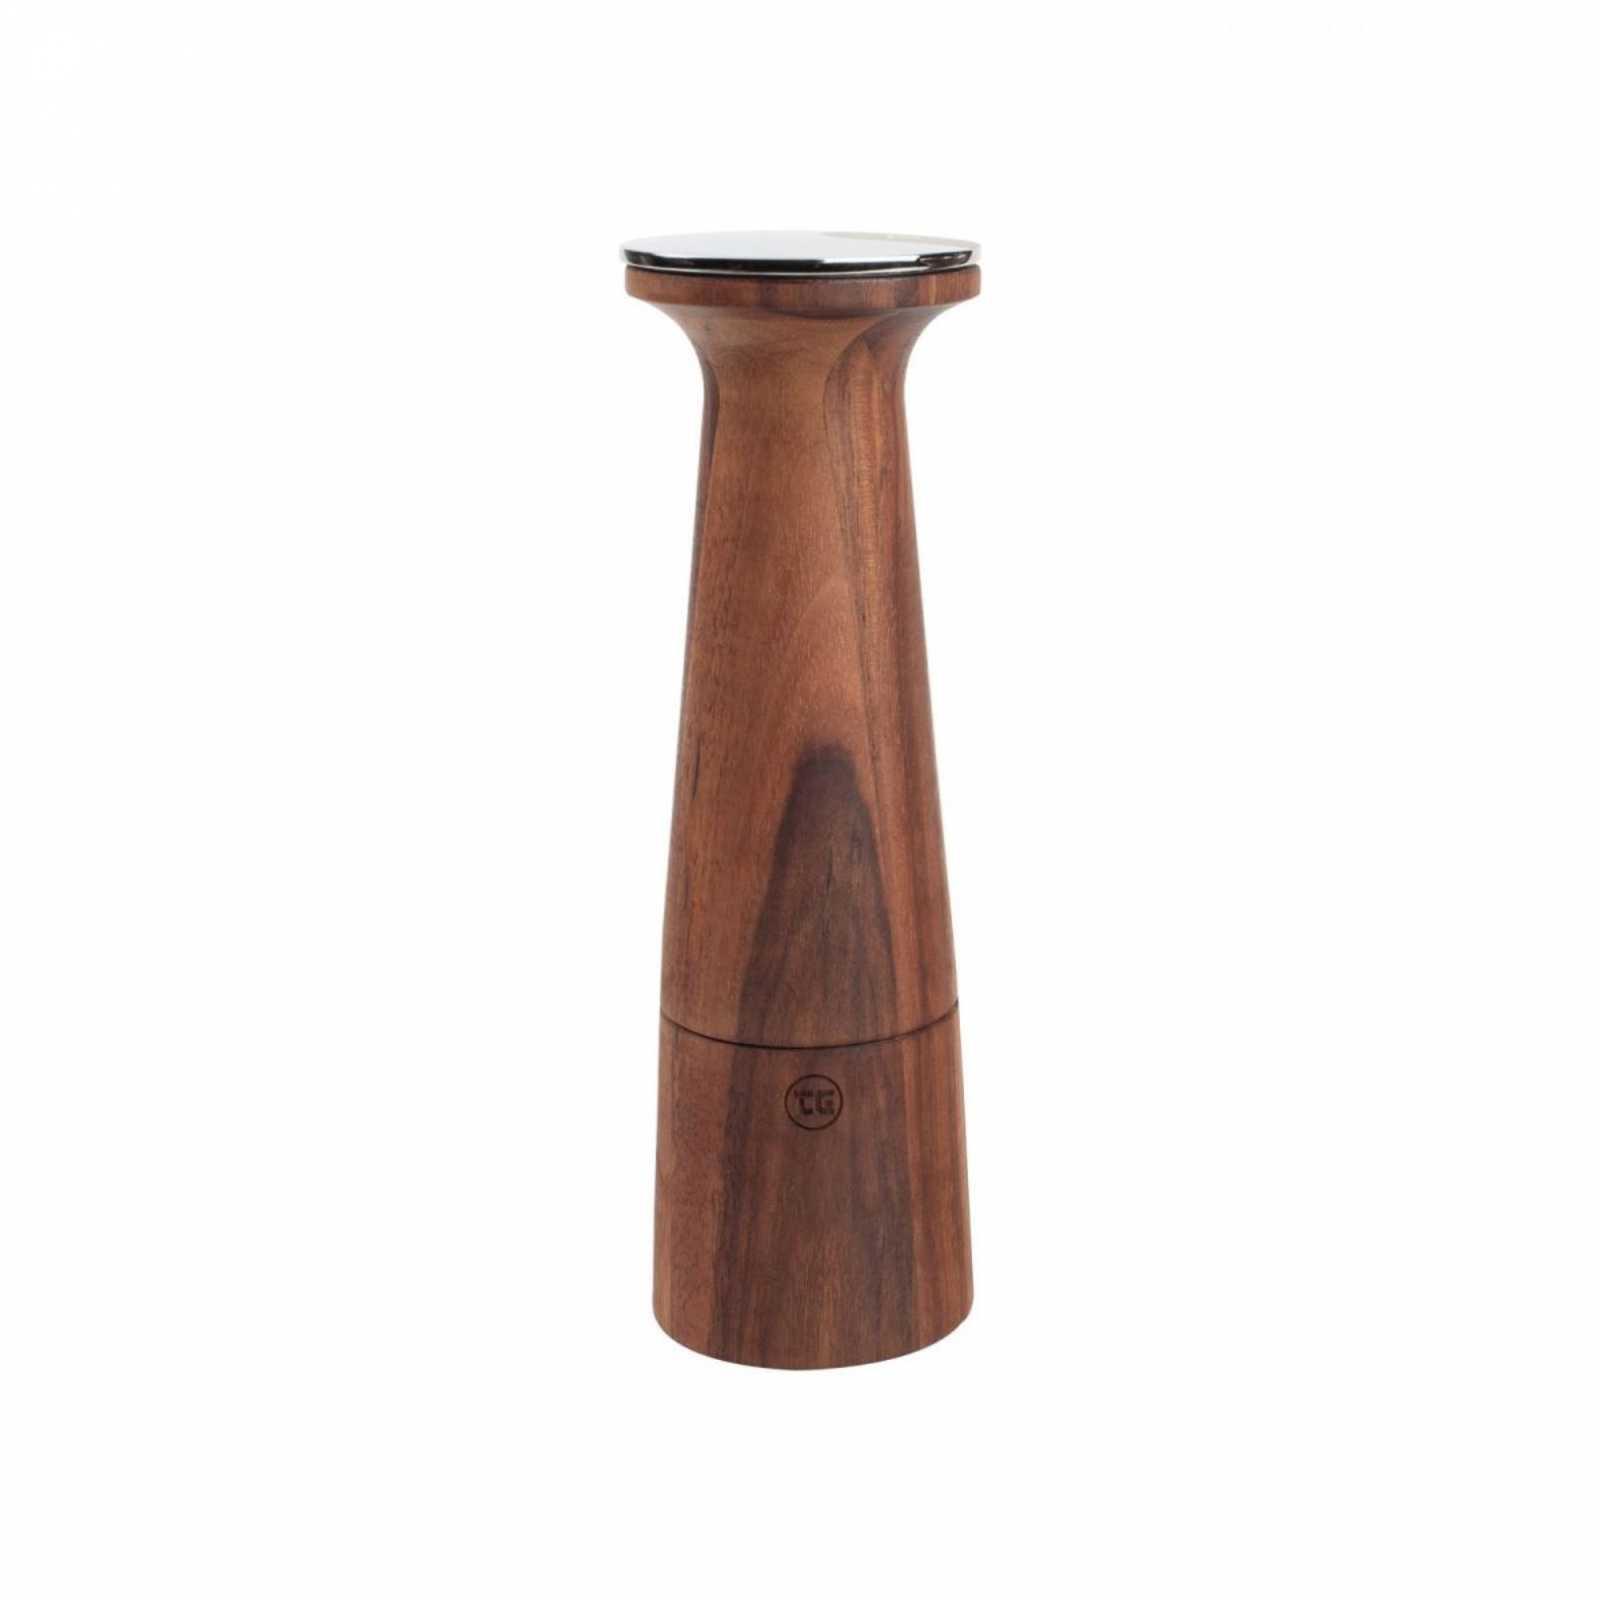 Мельница для перца T&G OBLIQUE, высота 20,5 см, темно-бежевый с темным рисунком T&G 11654 фото 0